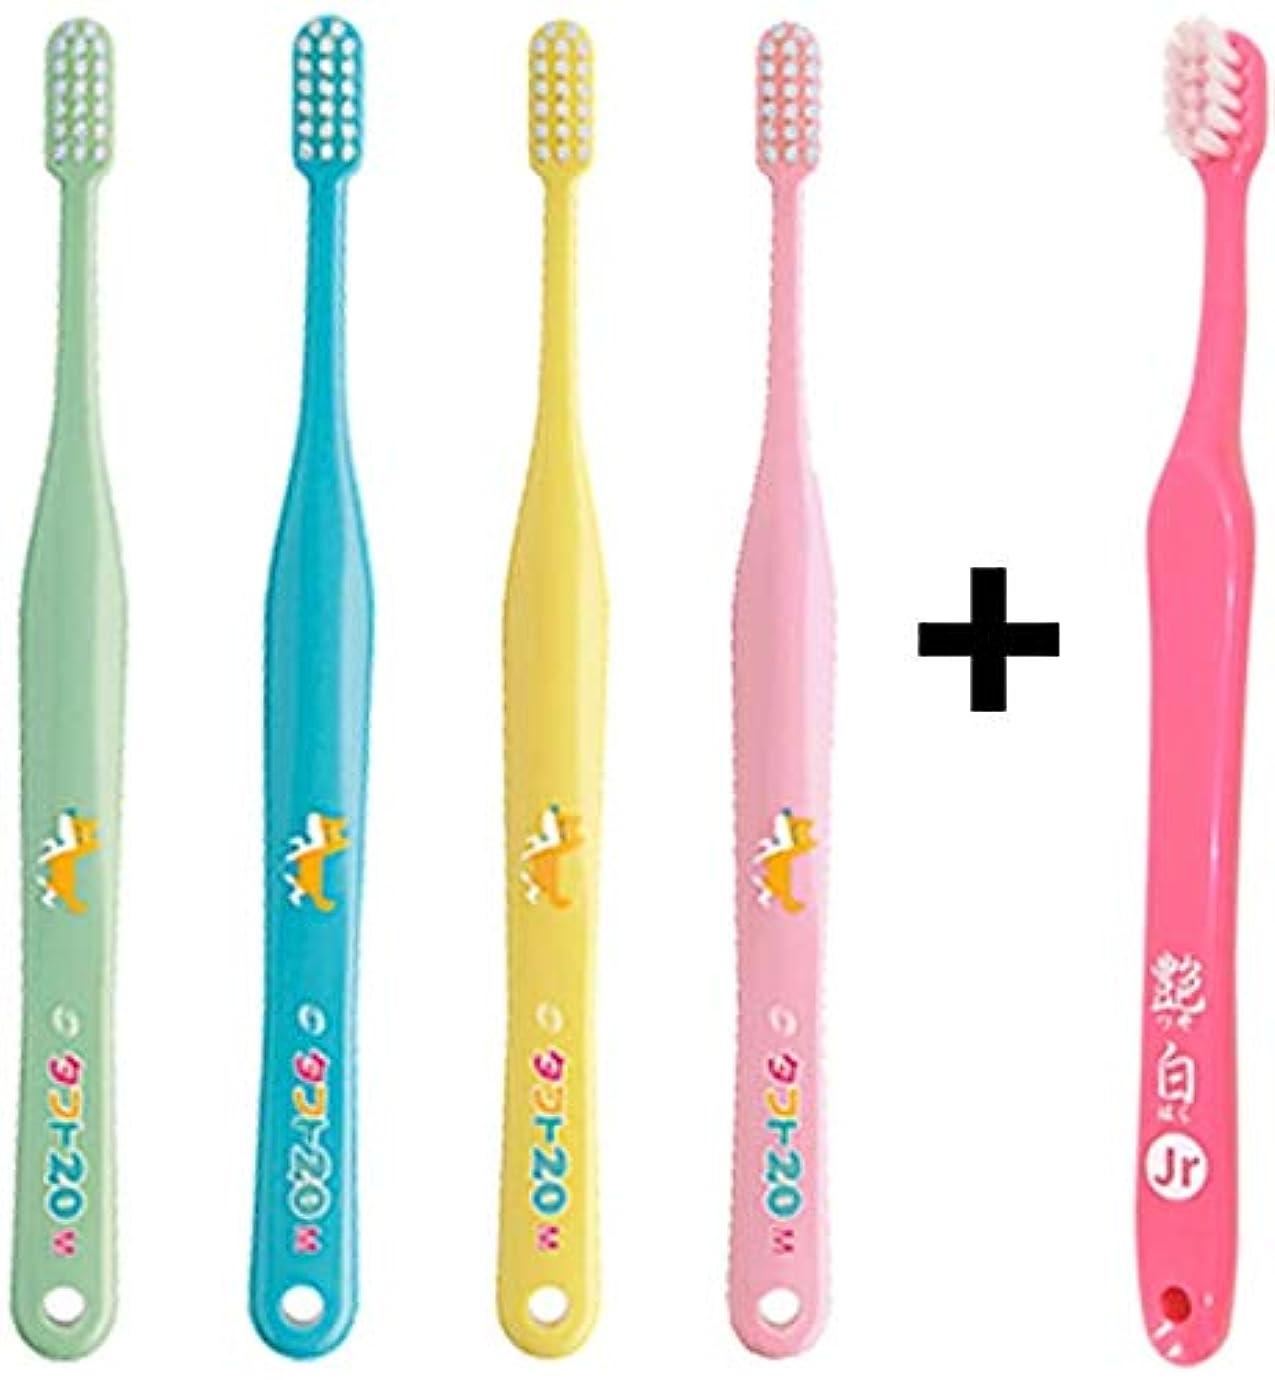 怠な裕福な協力的タフト20 M(ふつう) こども 歯ブラシ×10本 + 艶白(つやはく) Jr ジュニア ハブラシ×1本 MS(やややわらかめ) 日本製 歯科専売品